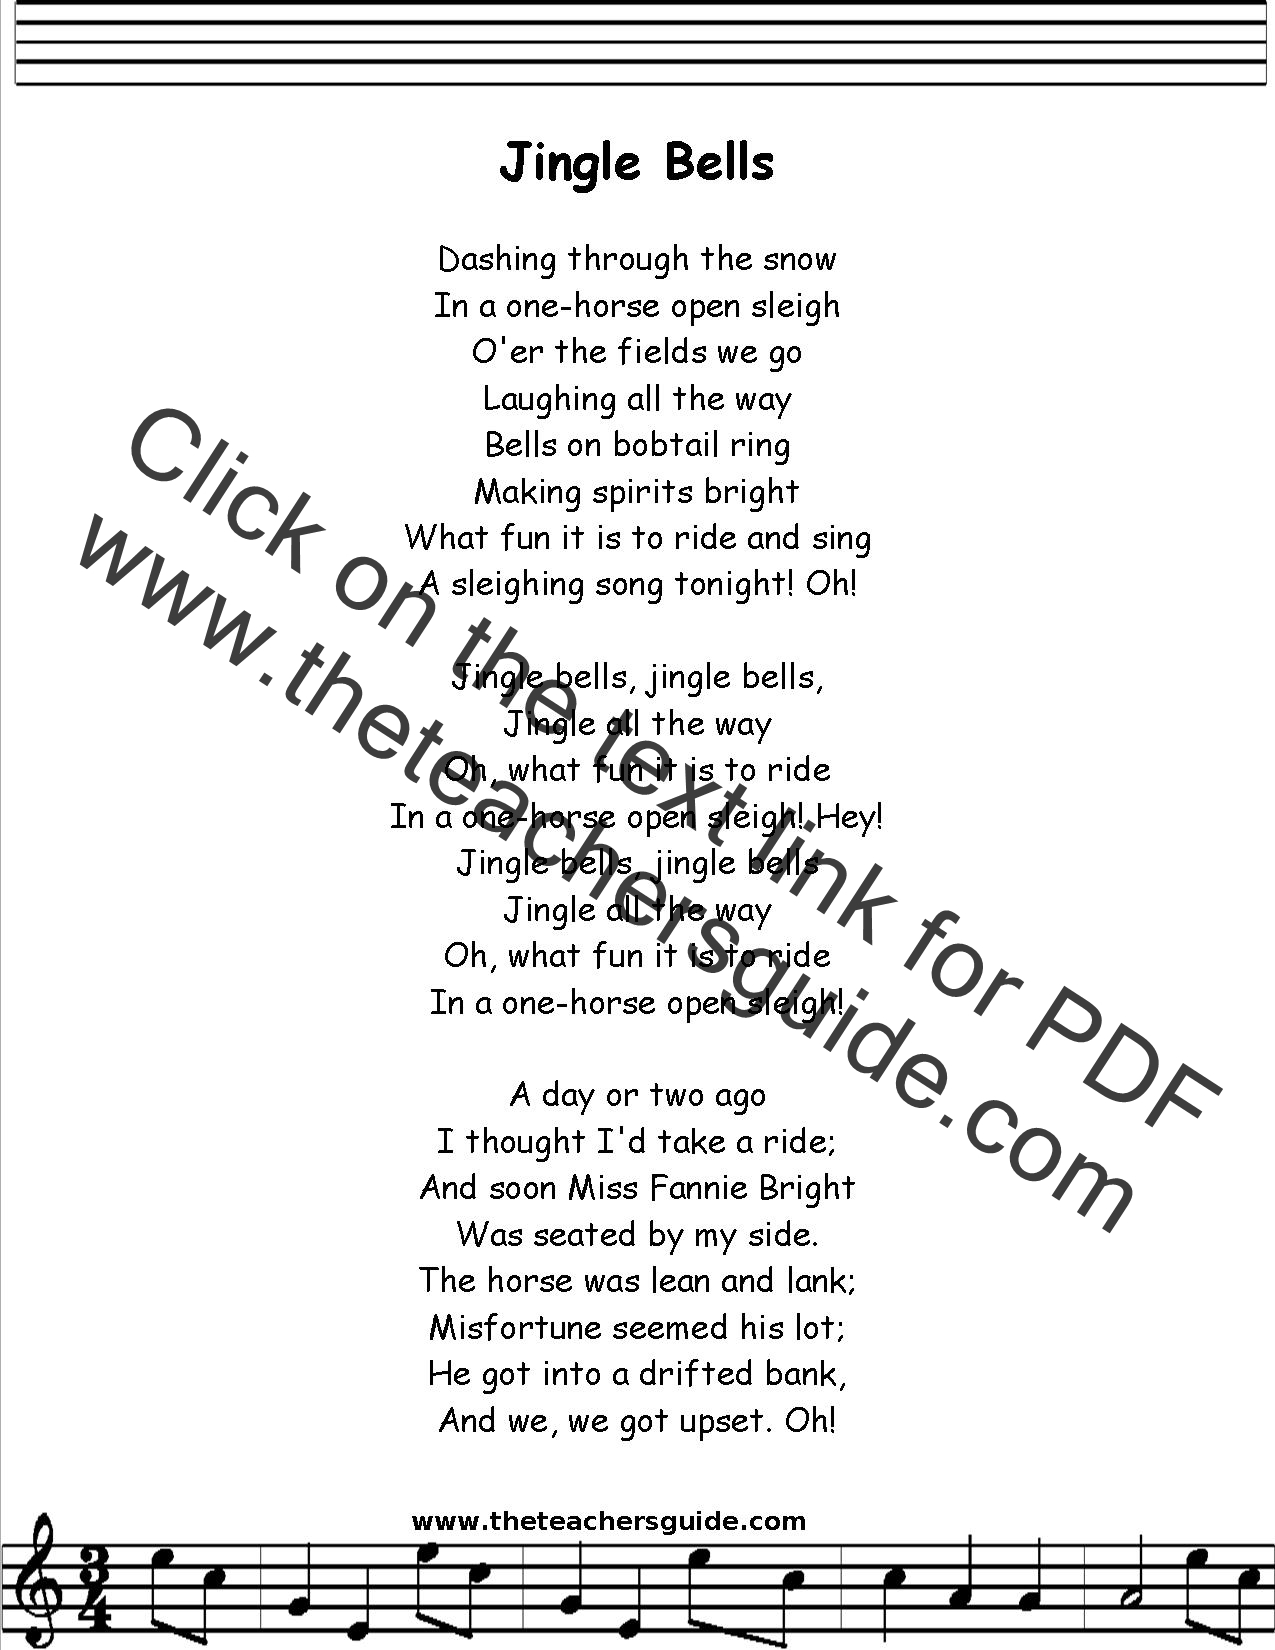 минусовка песни джингл белс Образовательный процесс планирование